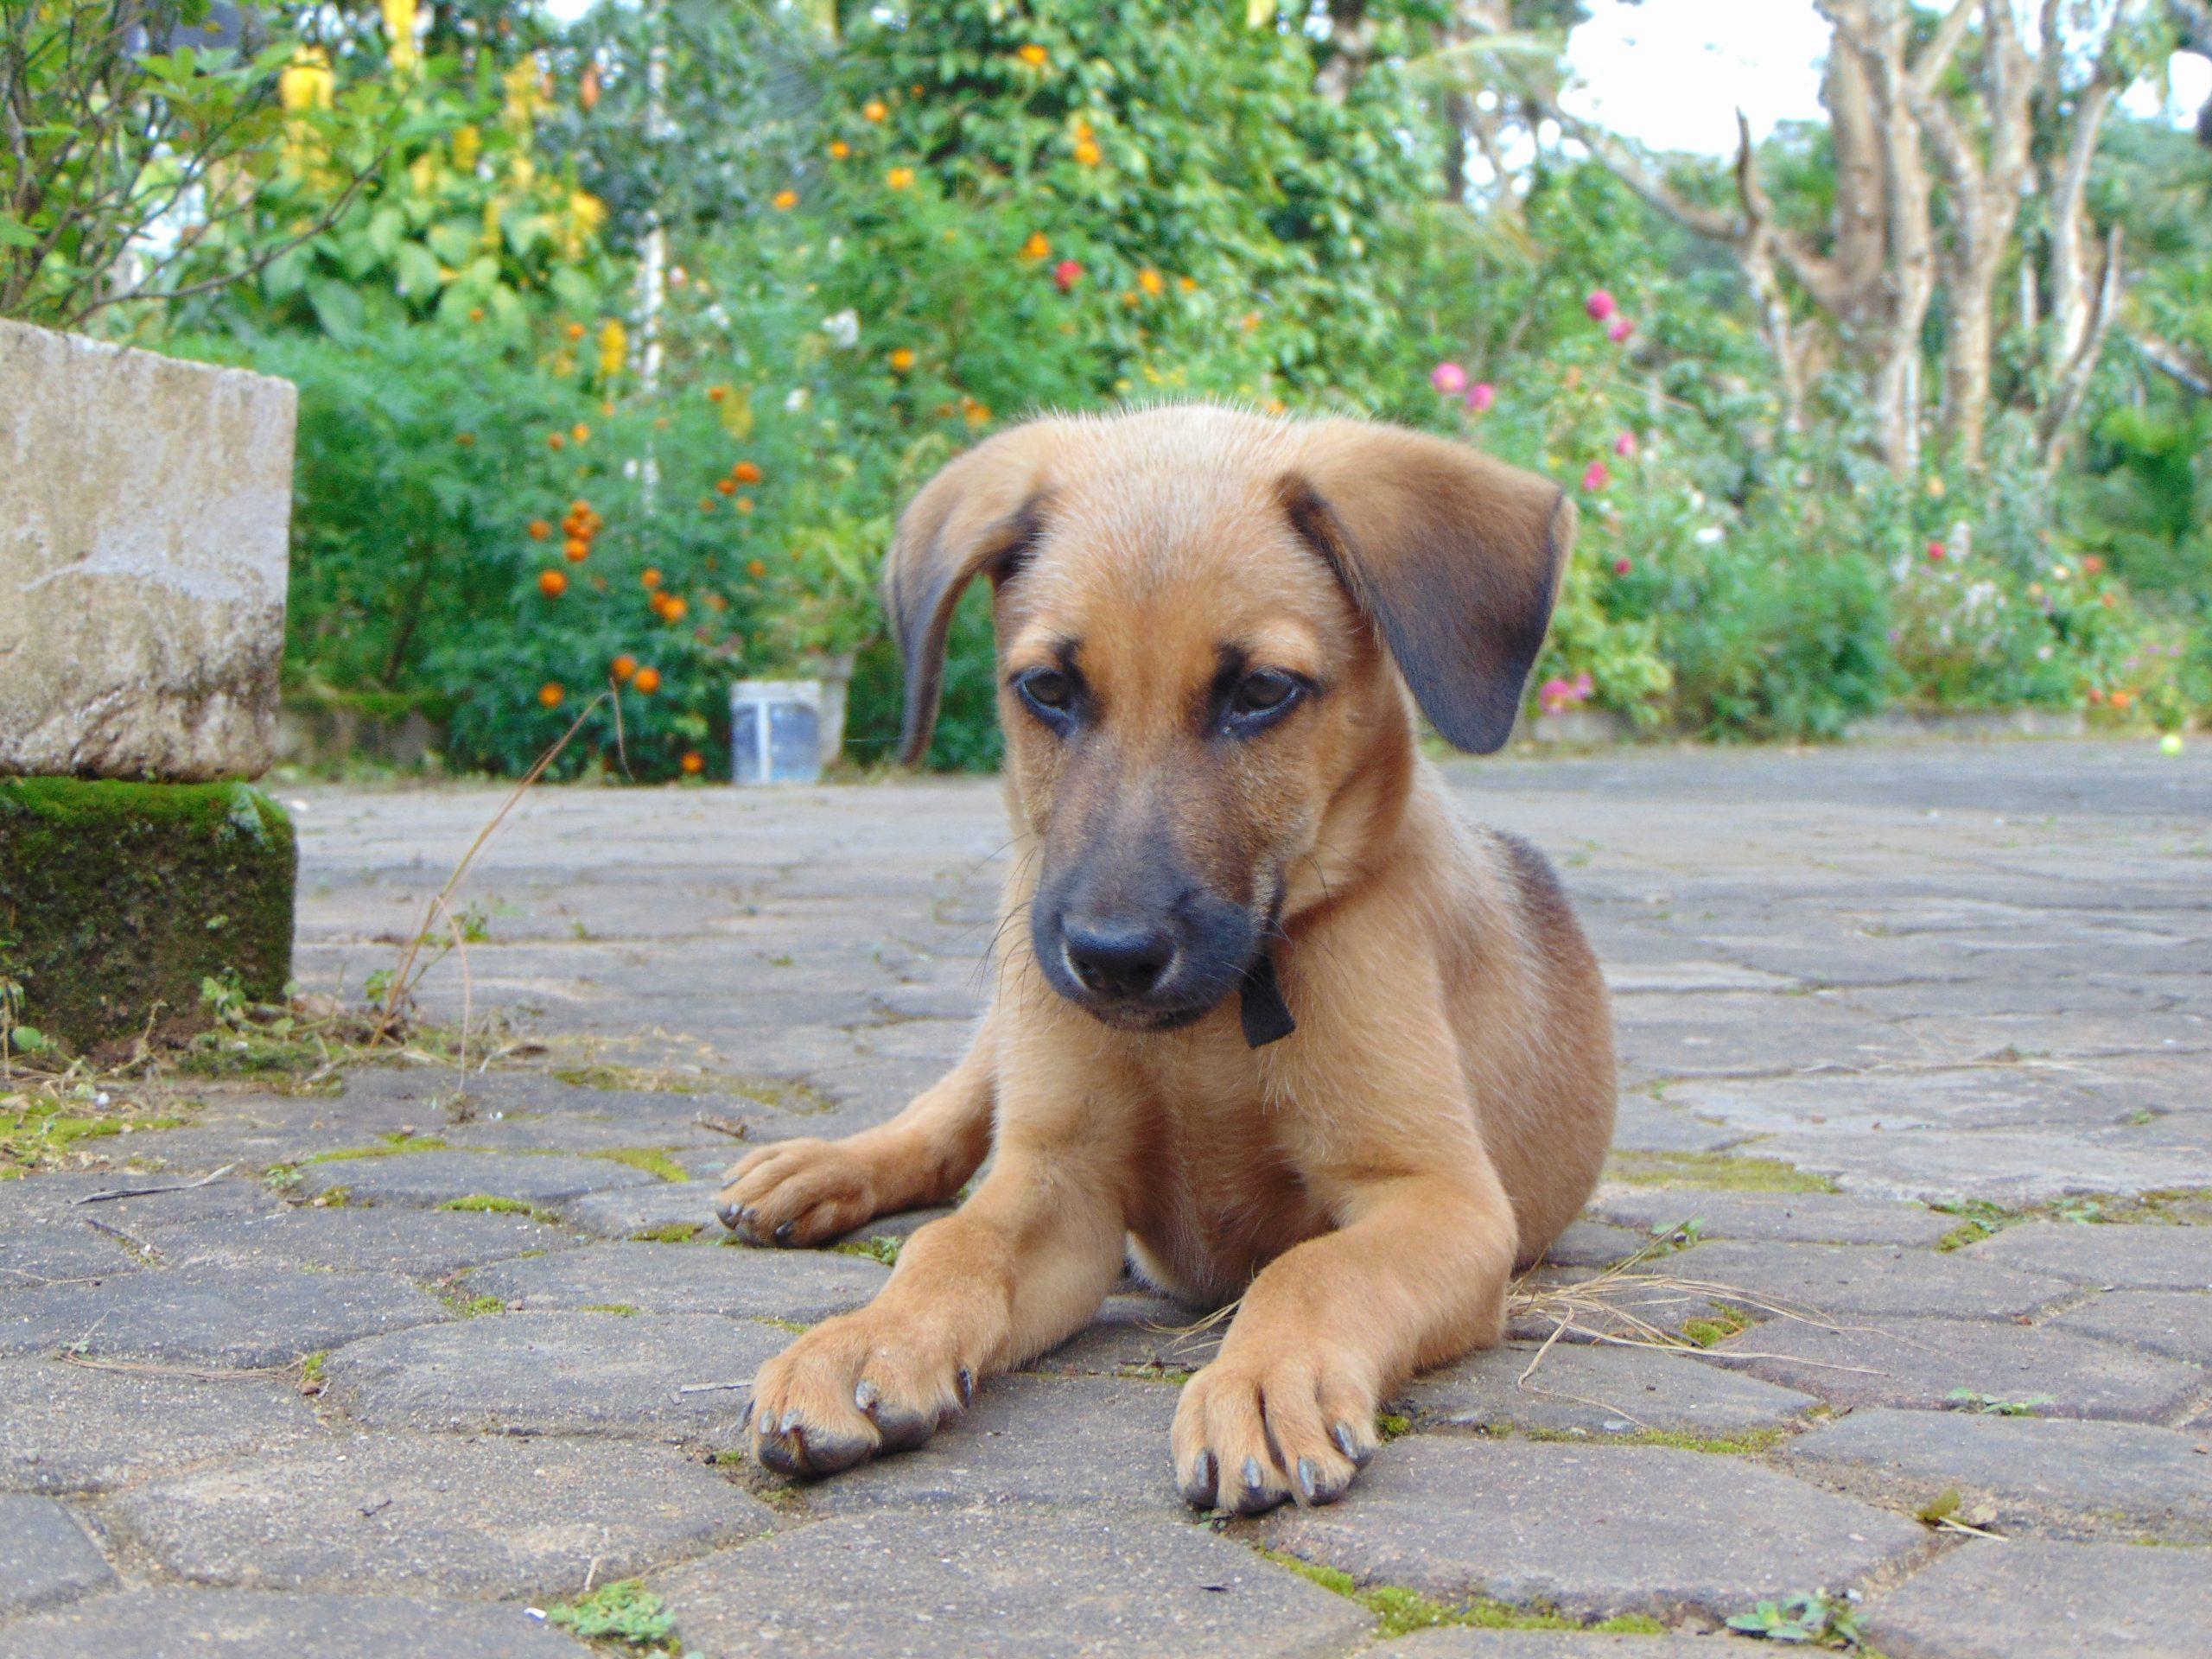 A dog sitting quietly